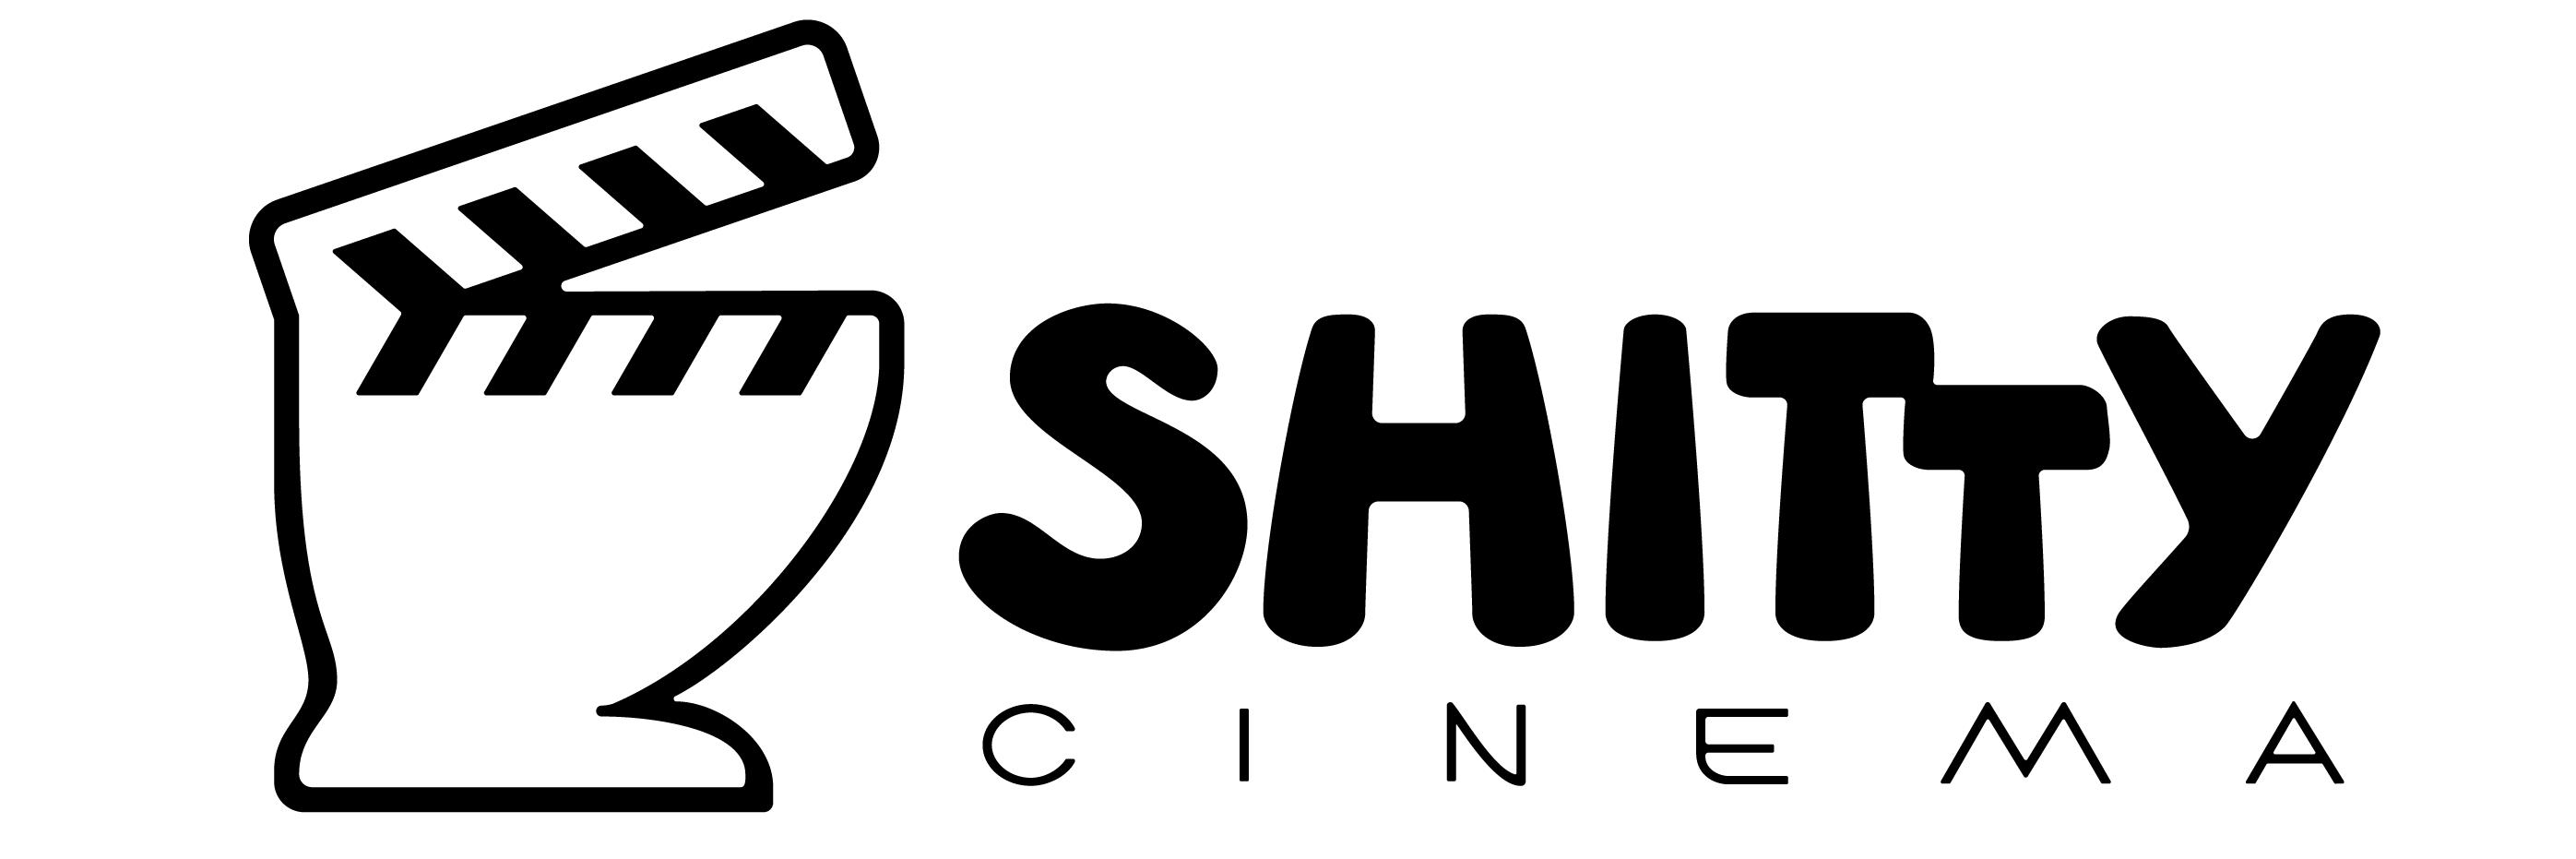 Logo for Shitty Cinema